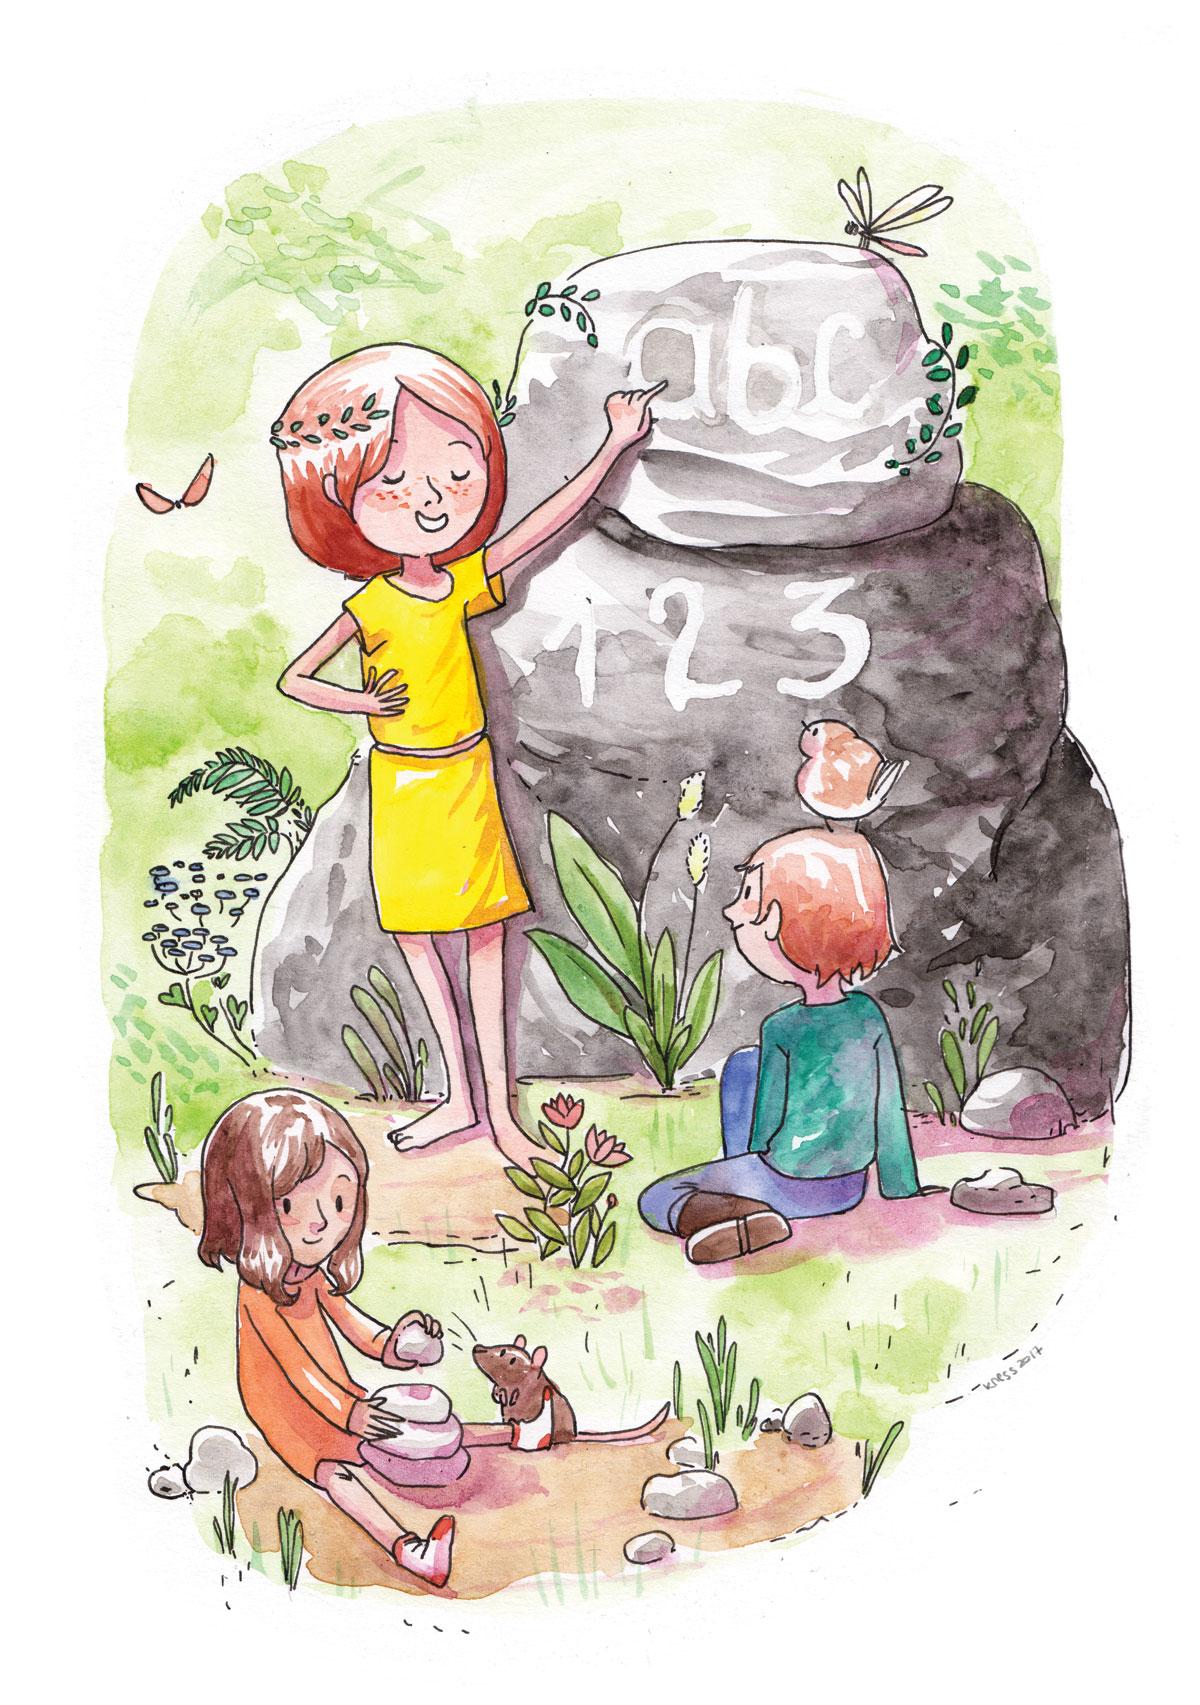 illustratrice montréal - aquarelle droits de l'enfant - droit à l'éducation